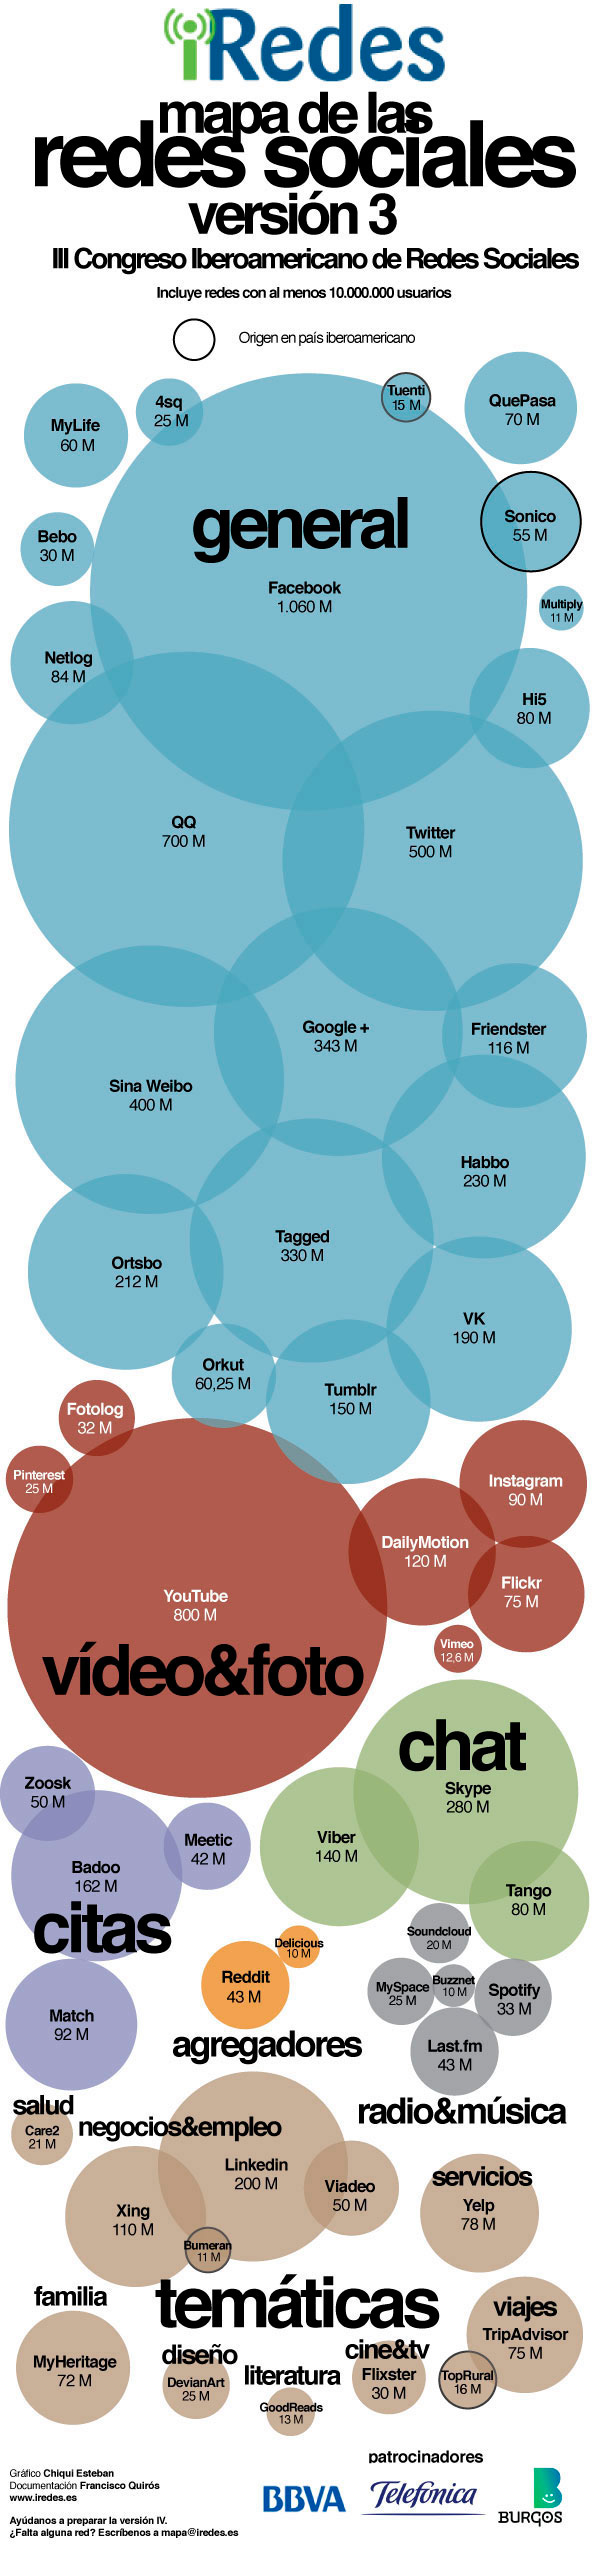 infografia: mapa de las redes sociales con mas de 10.000.000 de usuarios por categorias